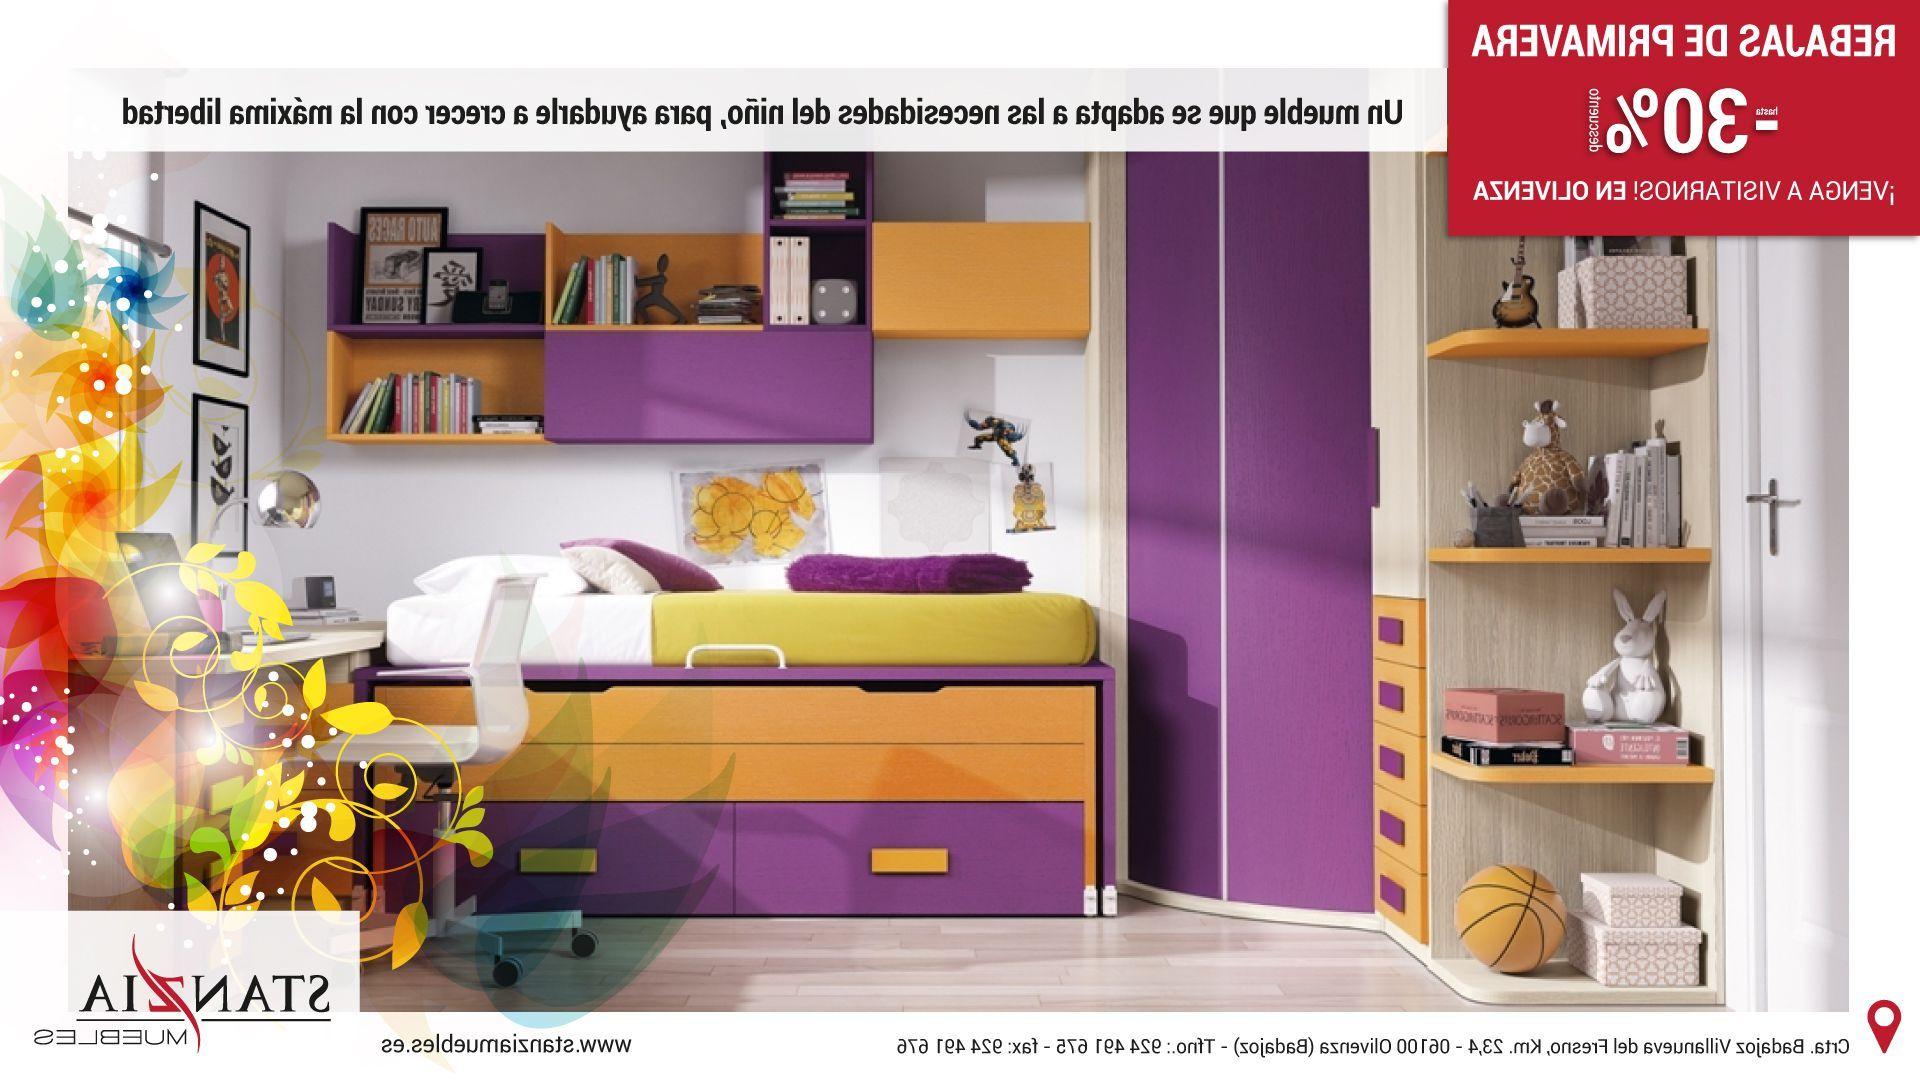 Tiendas De Muebles En Badajoz Fmdf Tienda Muebles Badajoz Tienda De Muebles Badajoz Good Hiper Rastro